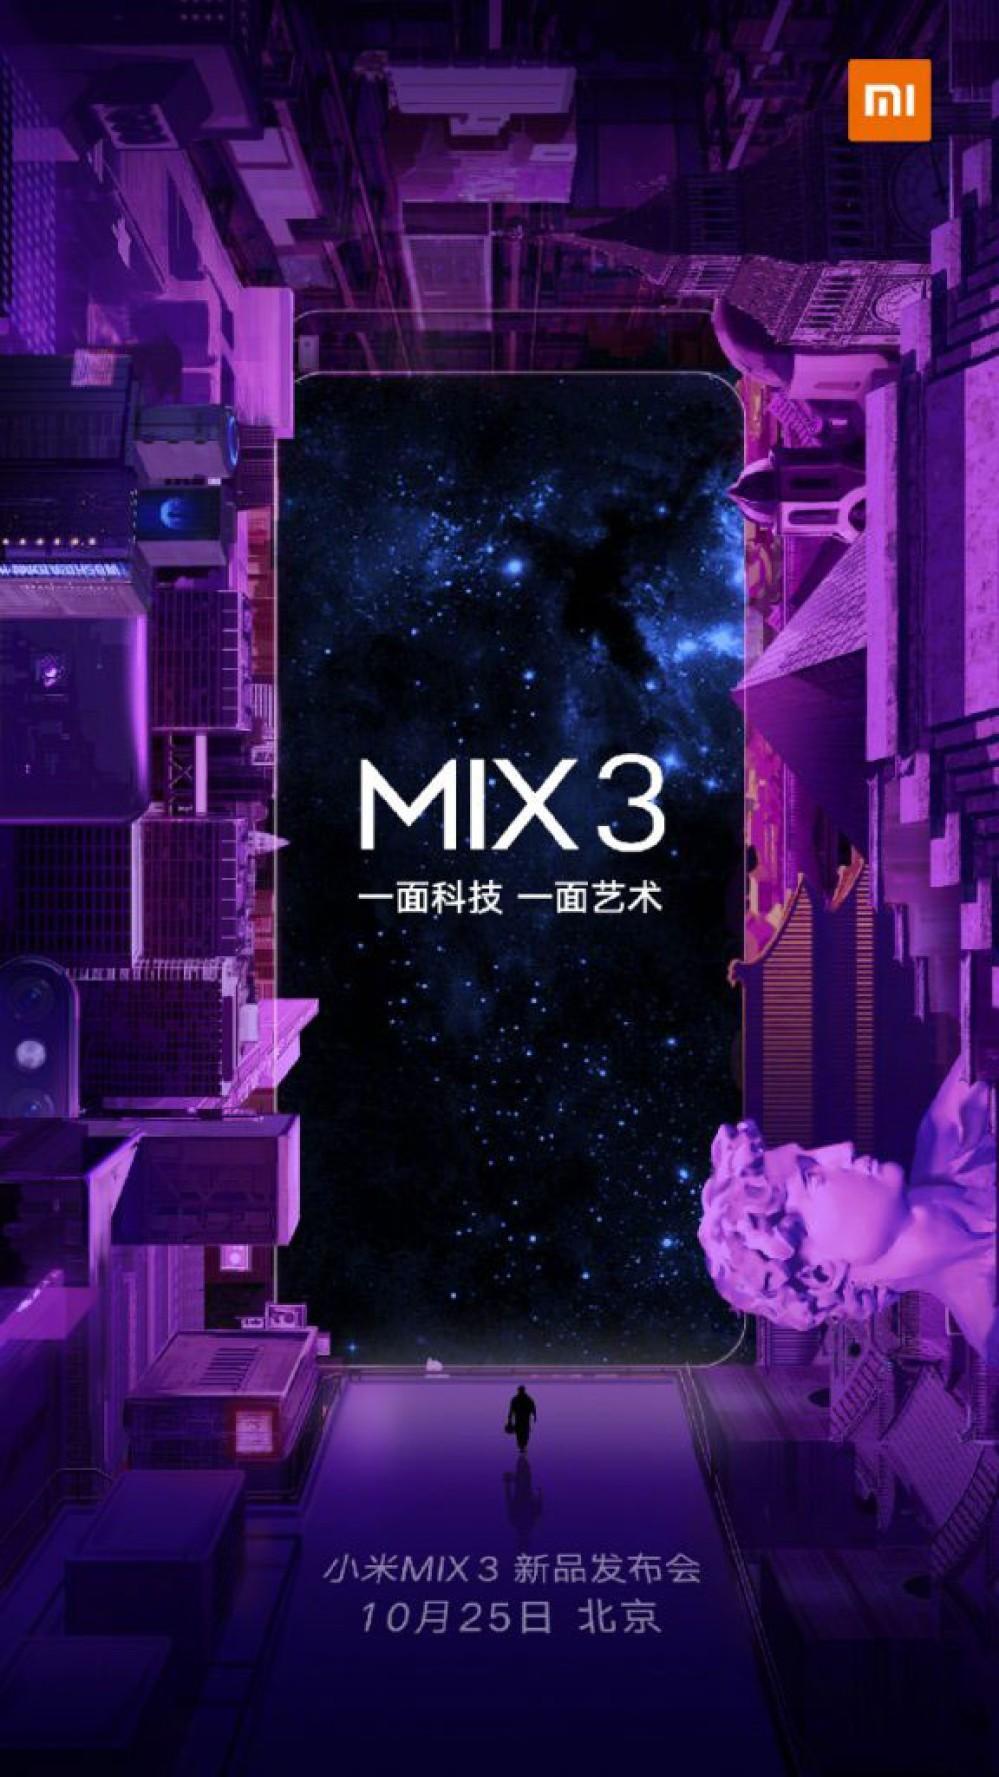 Xiaomi Mi Mix 3: Επίσημη παρουσίαση στις 25 Οκτωβρίου με all-screen οθόνη και συρόμενο camera module